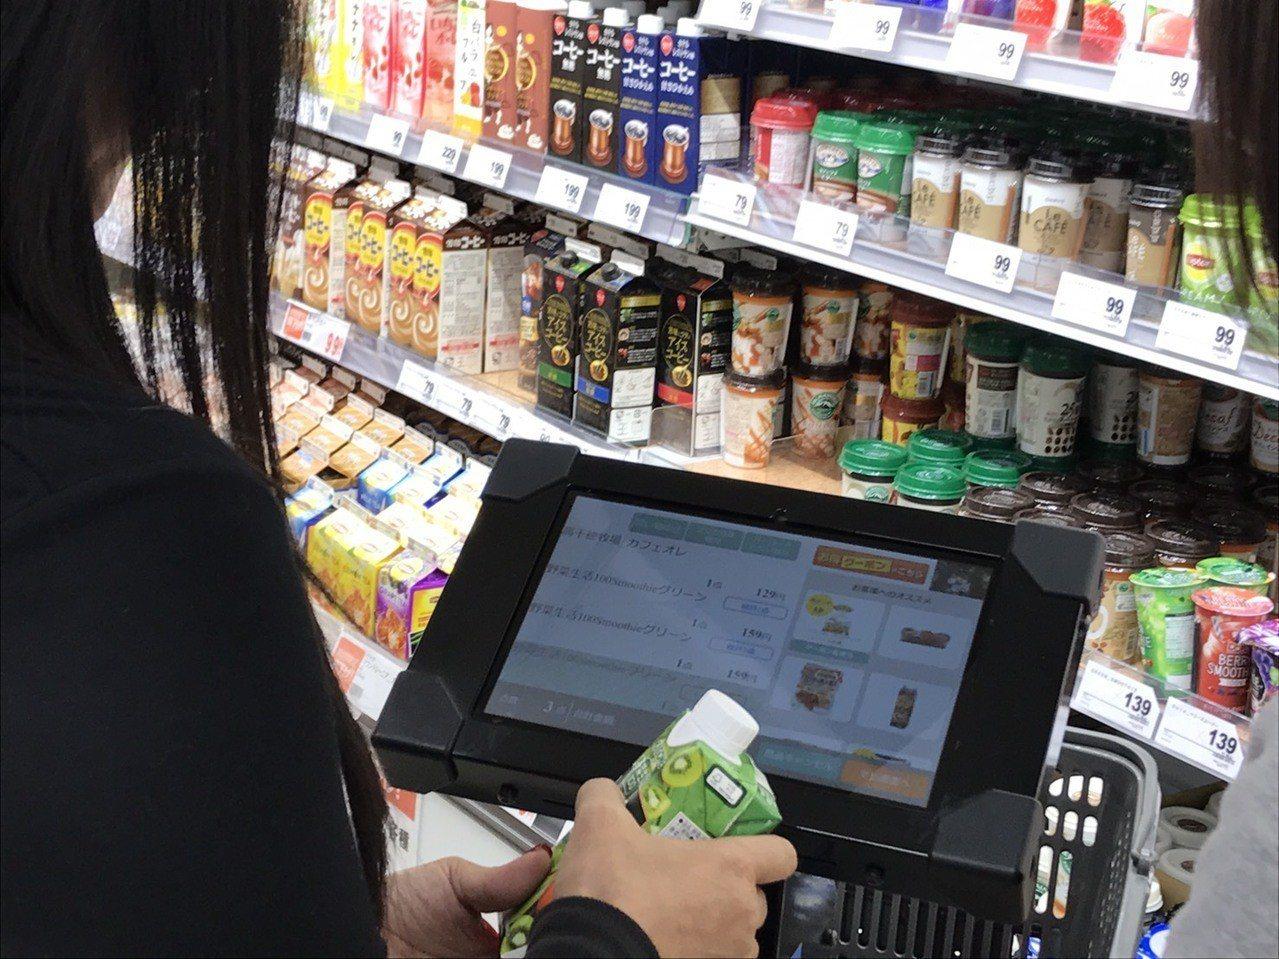 GOCart(智能購物車),提供支付功能和商品的販促功能。記者葉卉軒/攝影